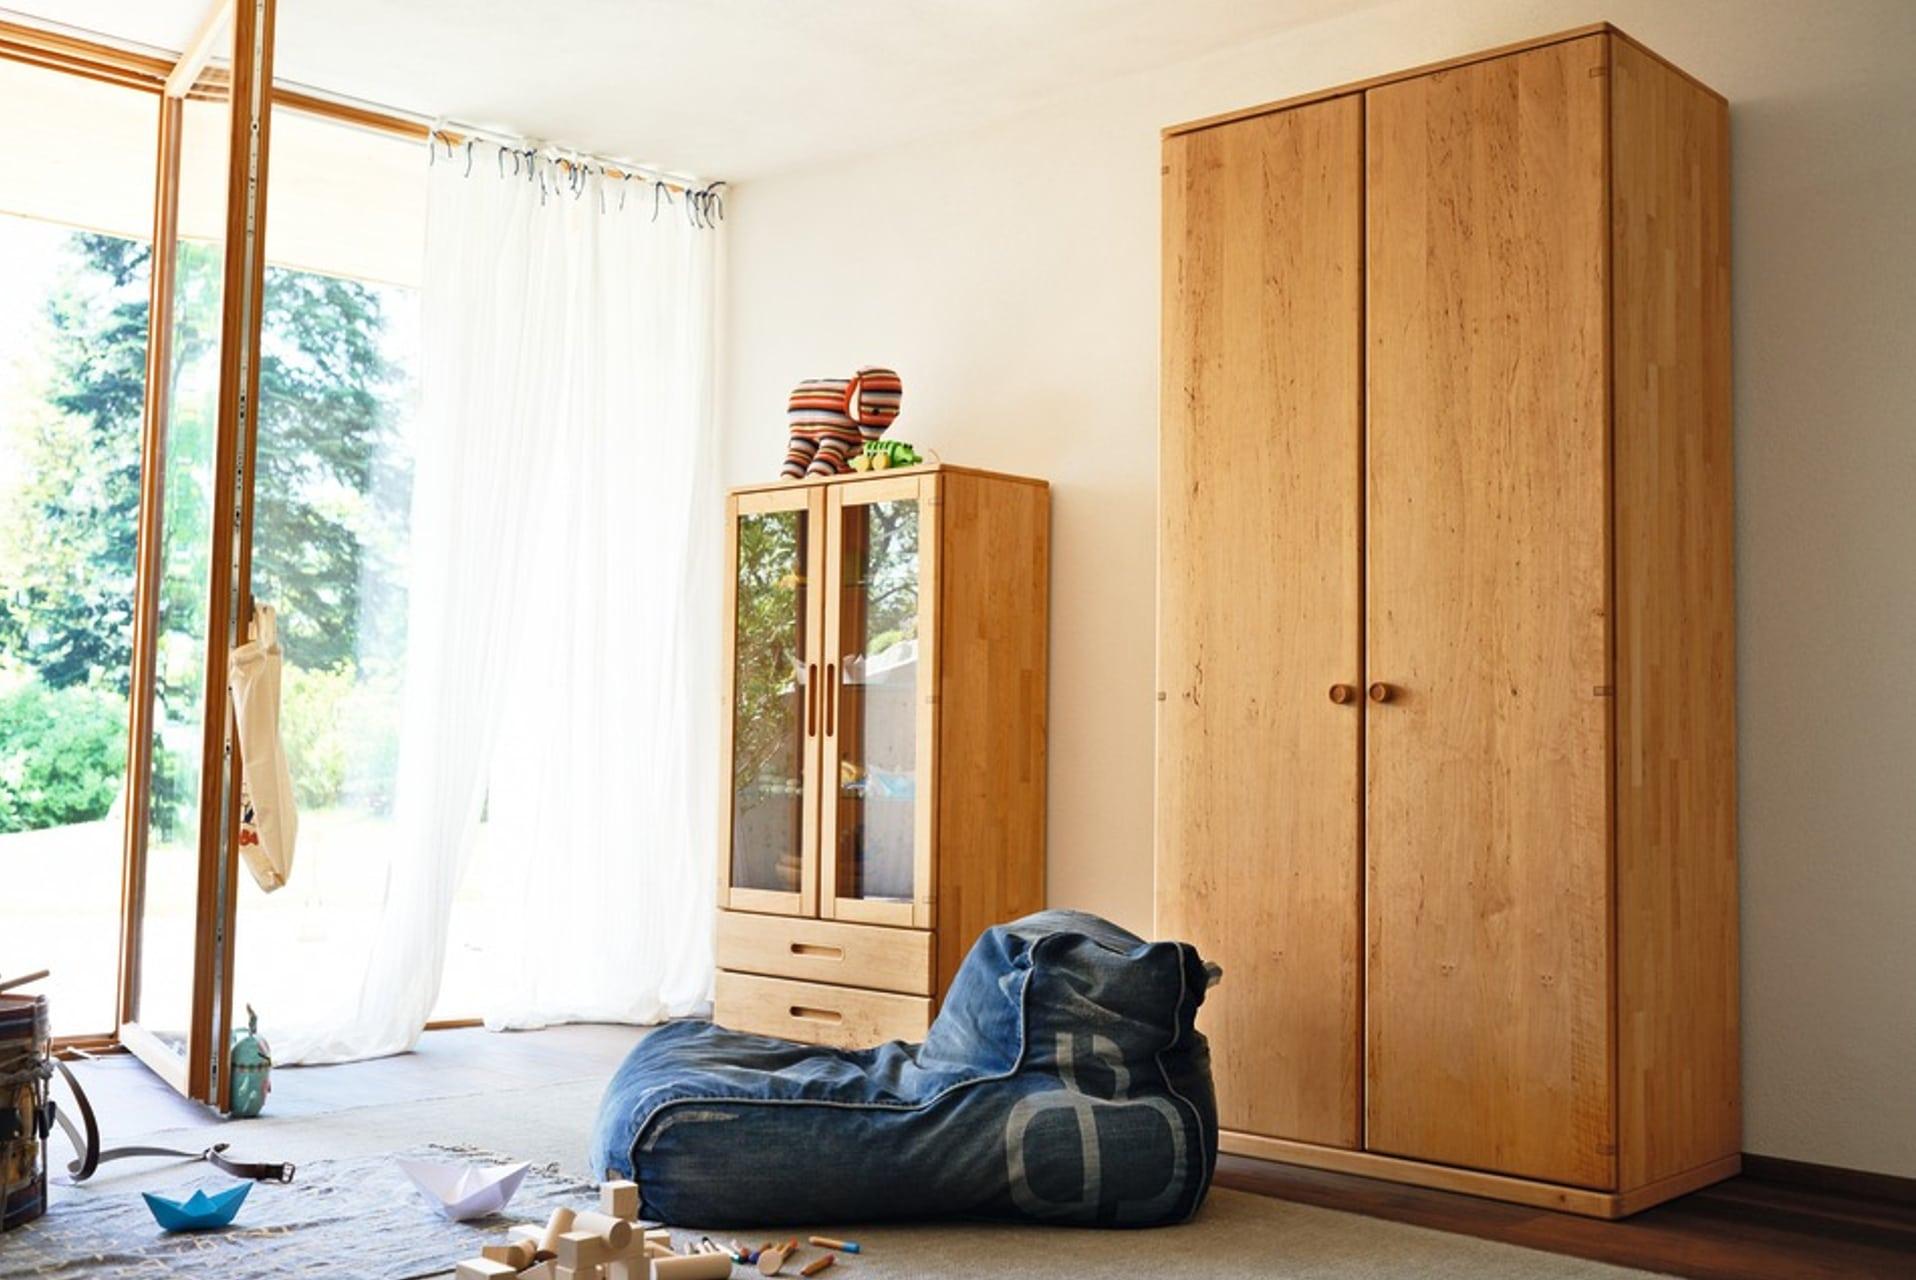 kinderzimmer mobile bensberg wohnen. Black Bedroom Furniture Sets. Home Design Ideas